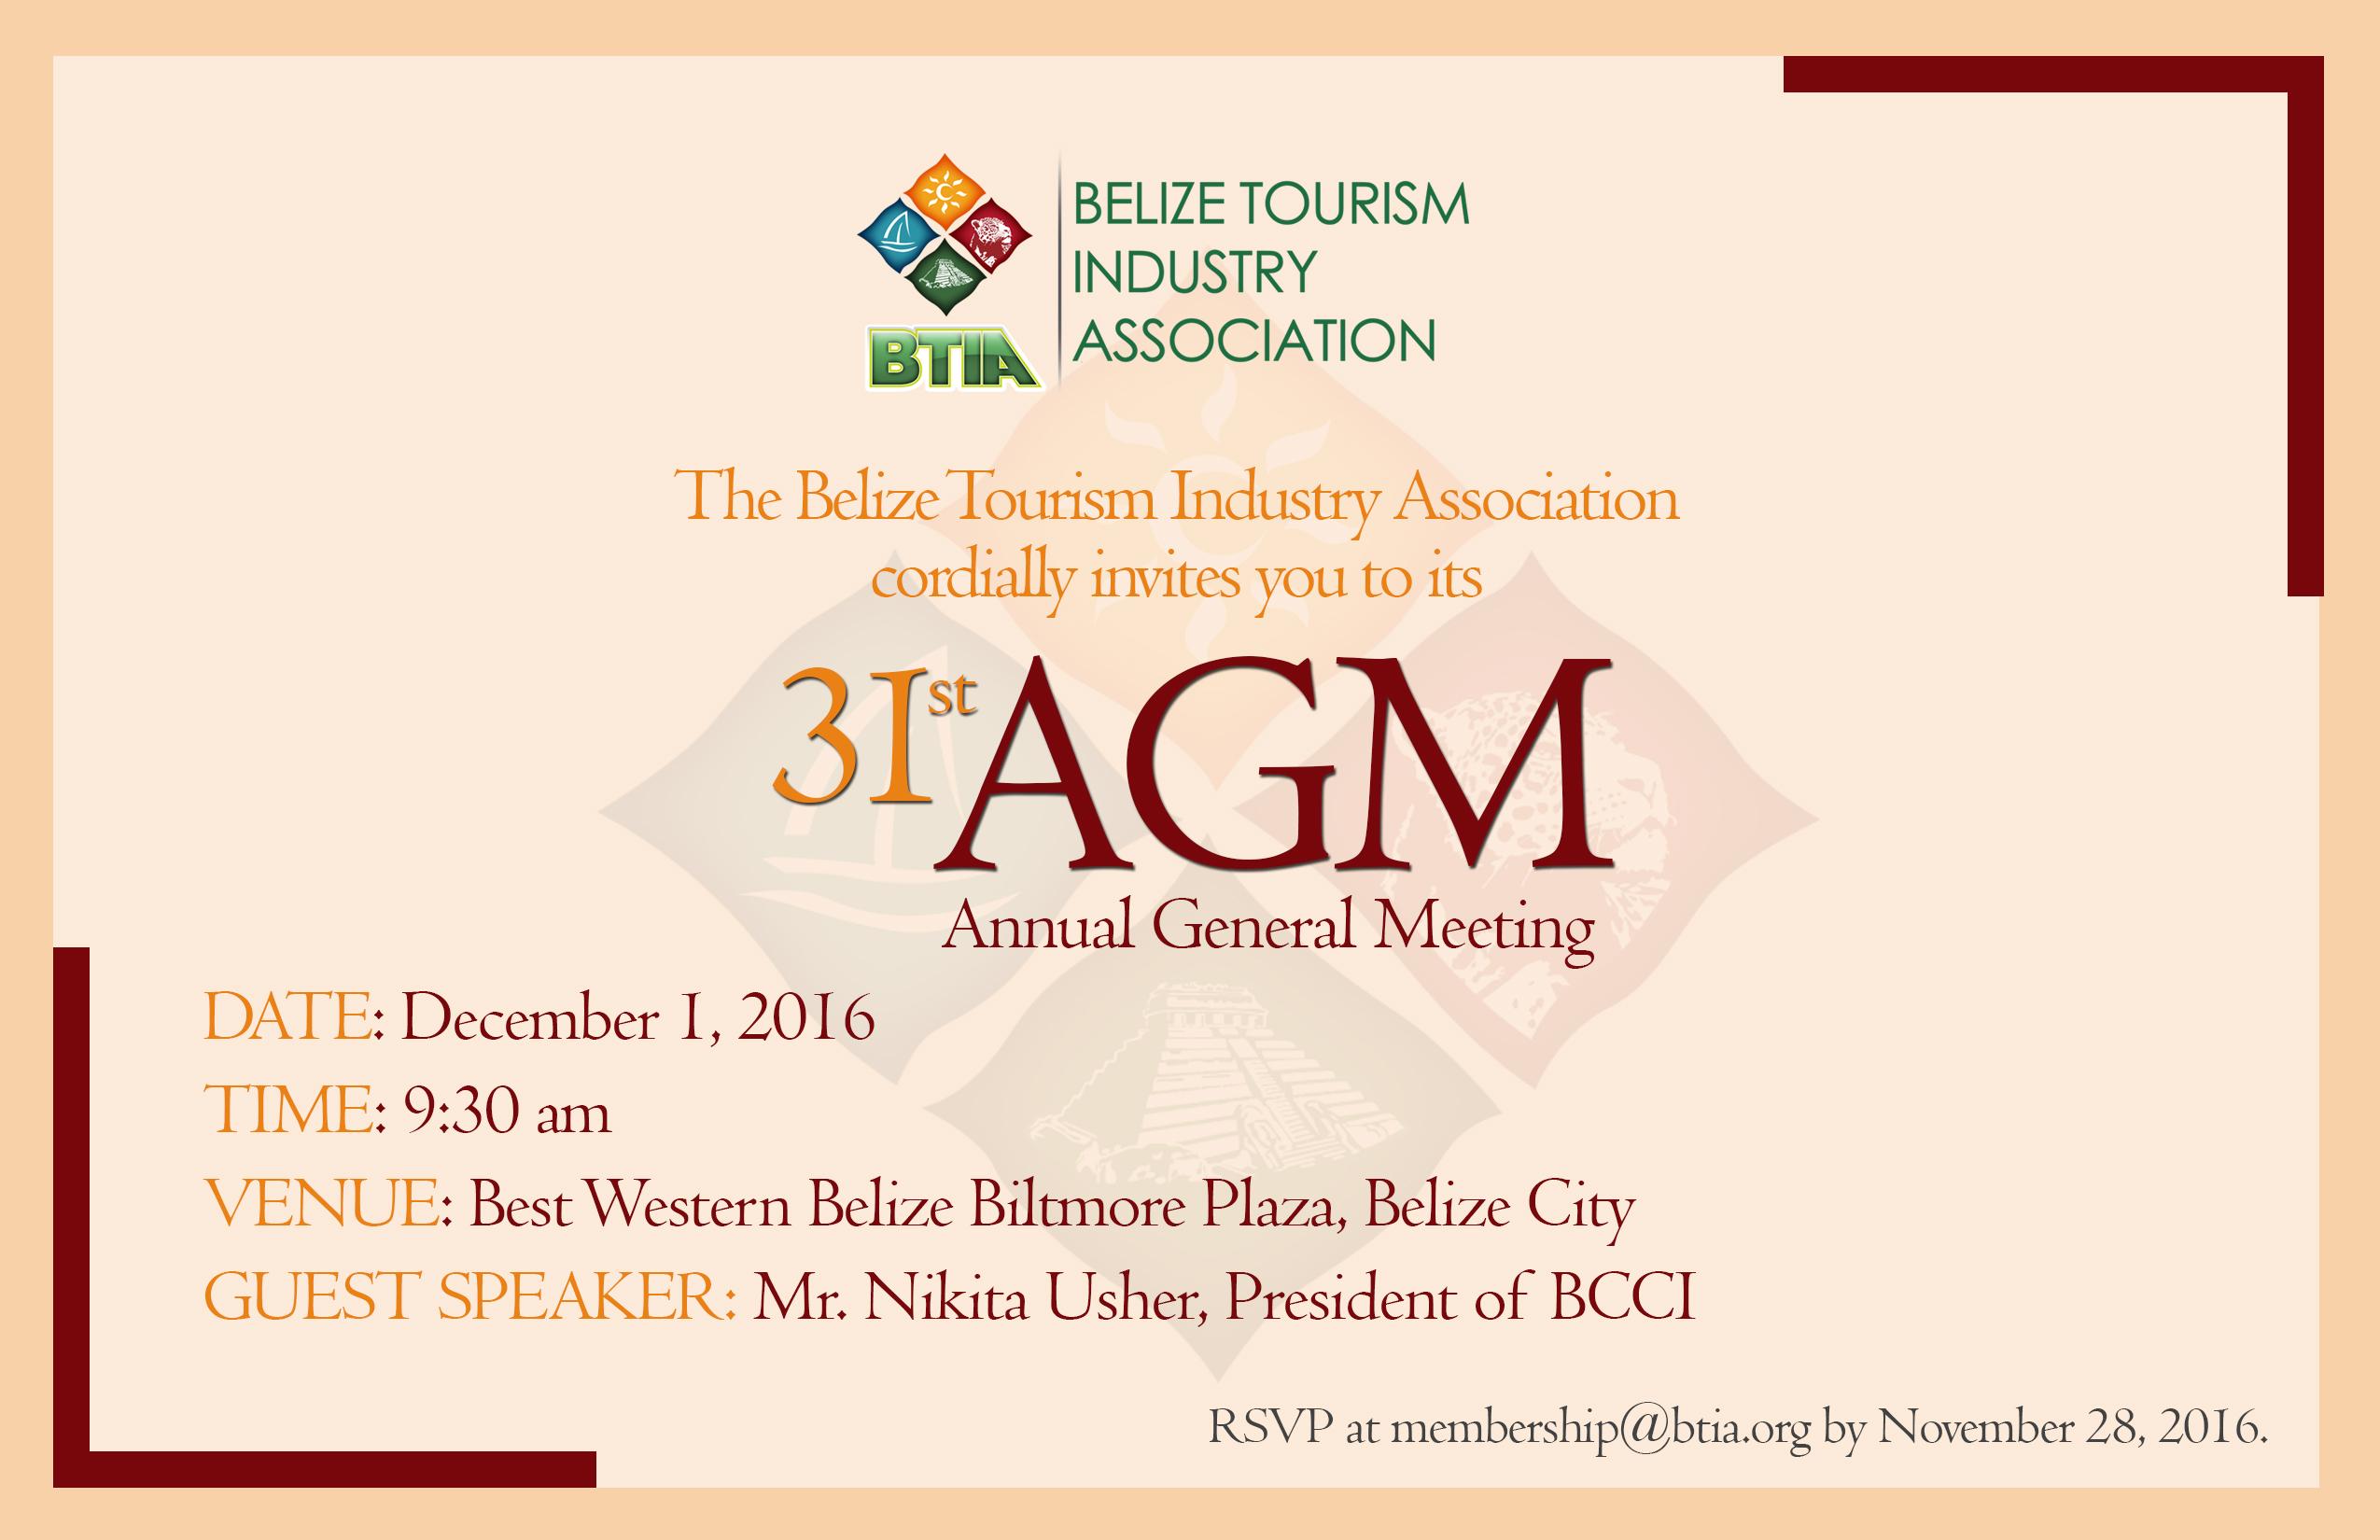 agm-invite